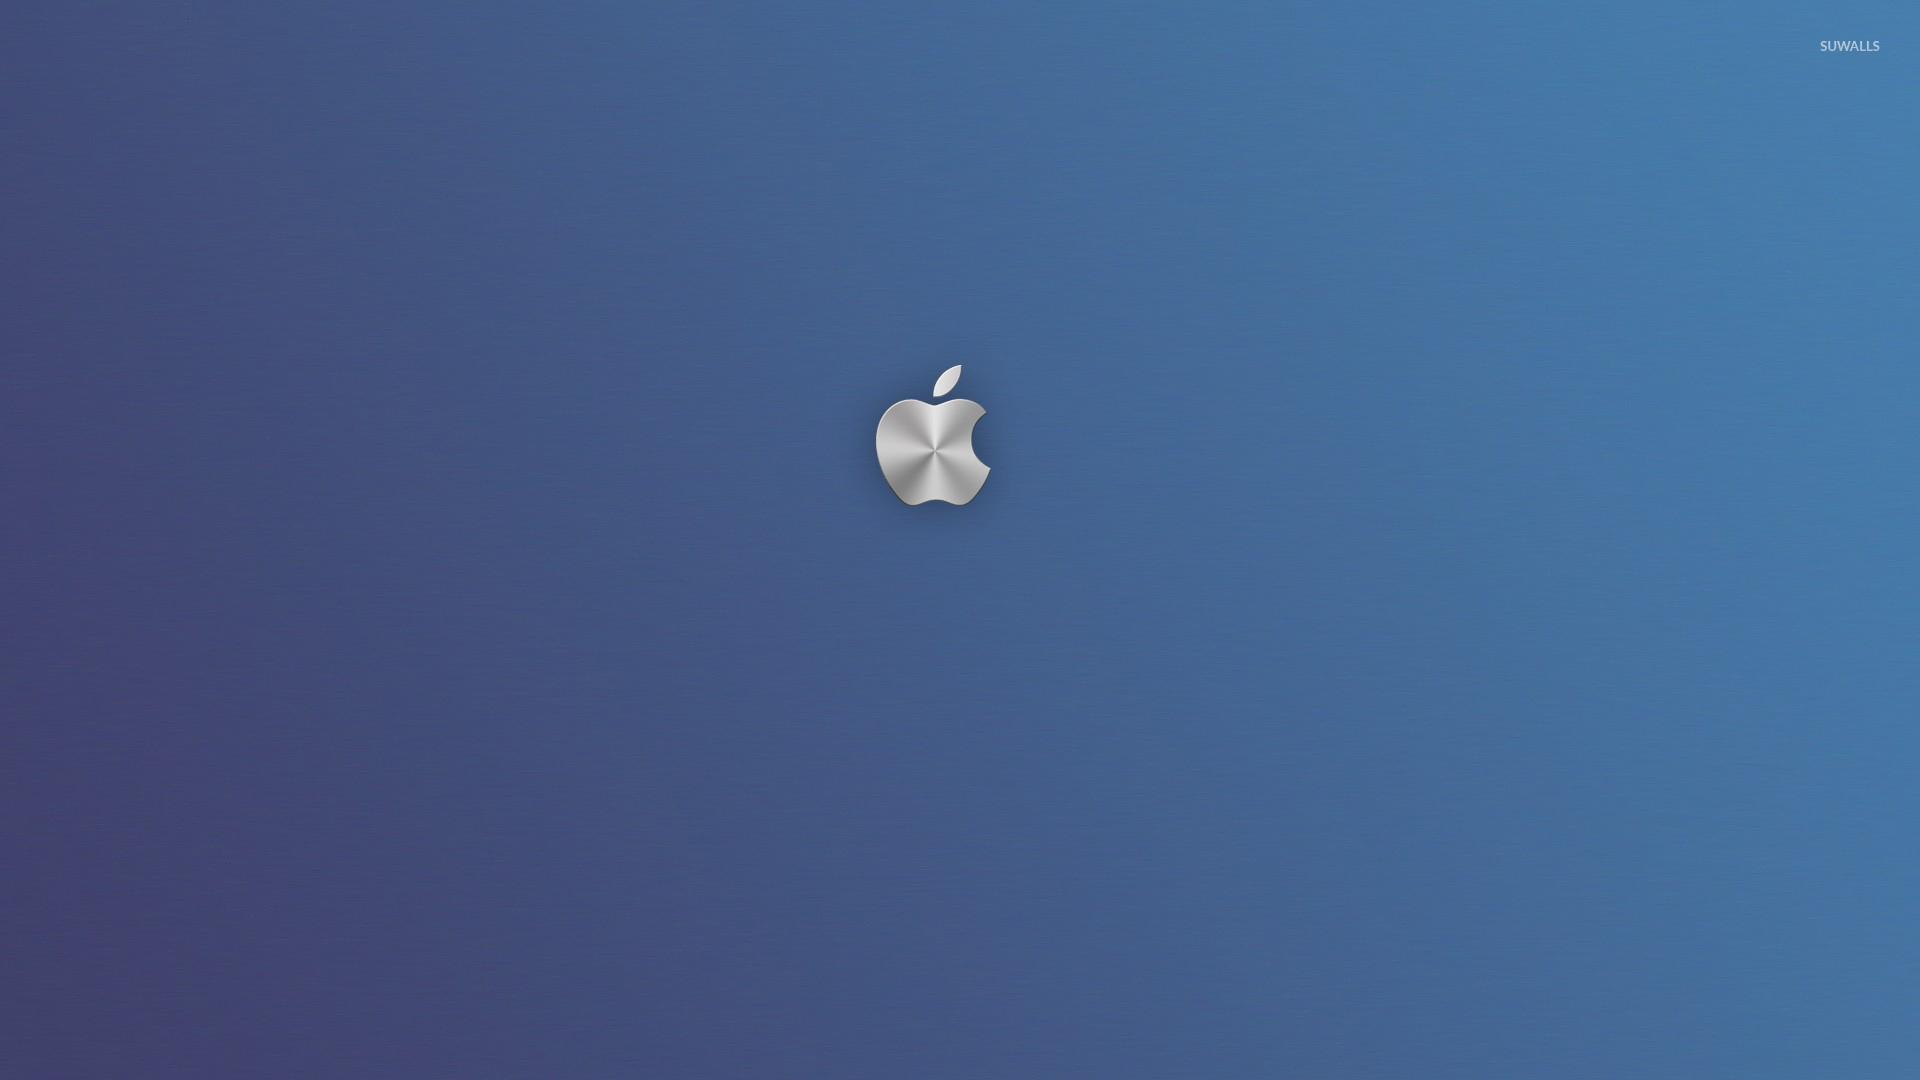 Я люблю mac в хорошем качестве